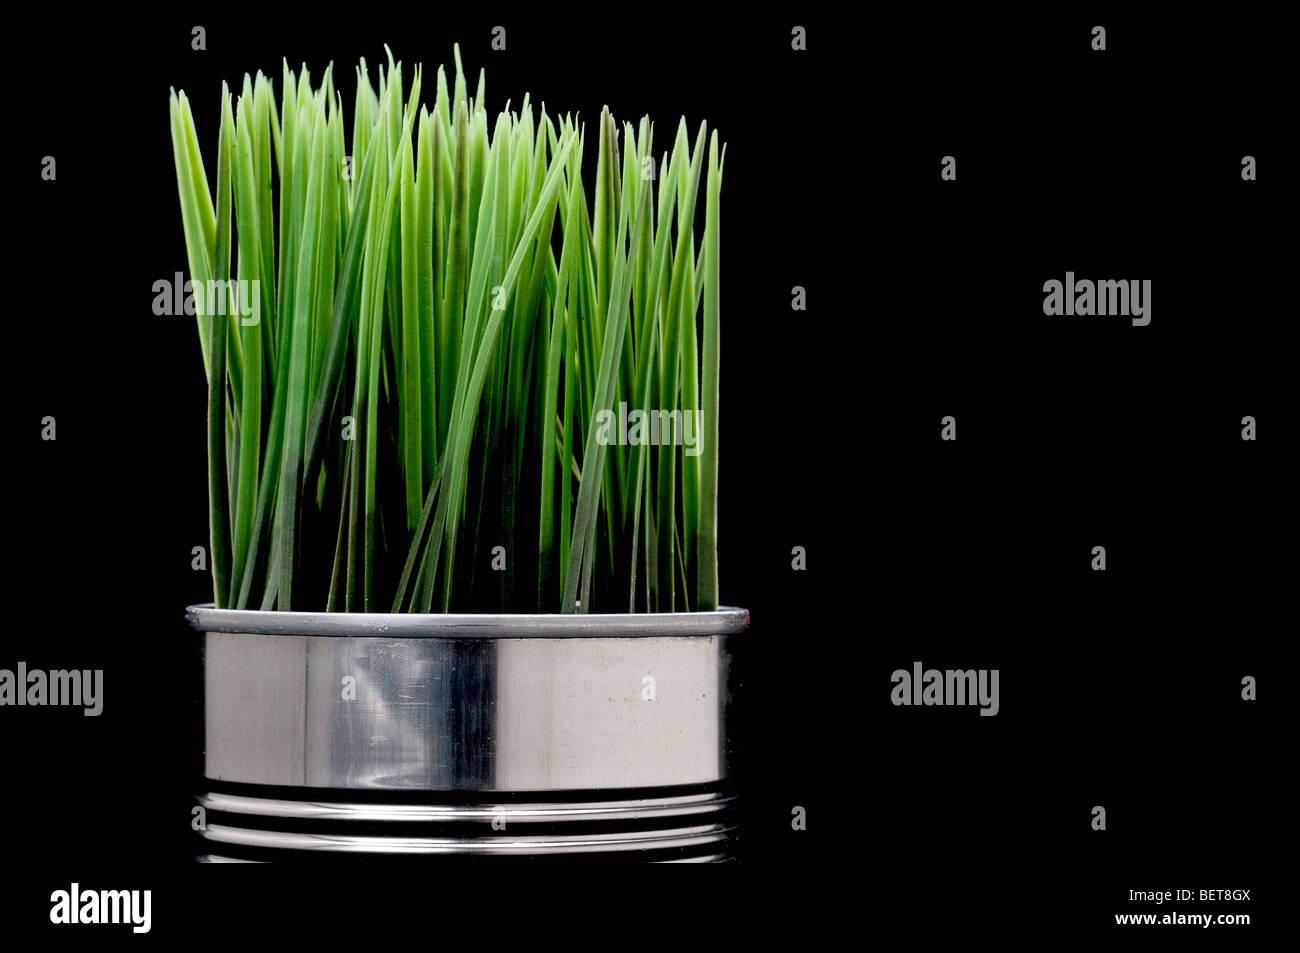 La pasto verde creciendo de una lata de aluminio reciclado Imagen De Stock